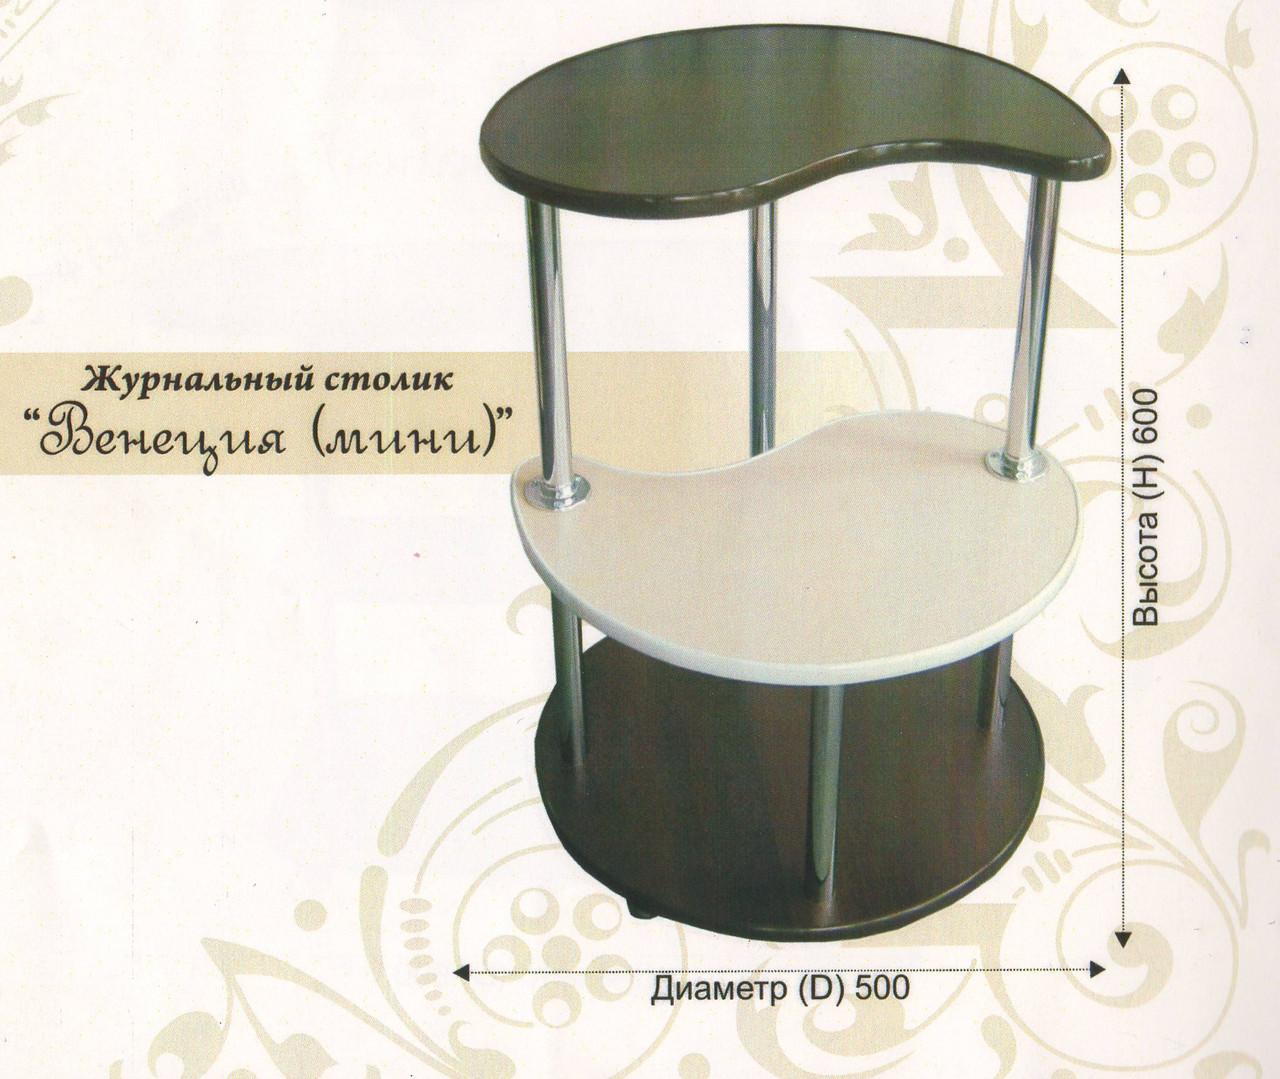 БЕСПЛАТНАЯ доставка по Украине Стол Венеция мини, фото 1